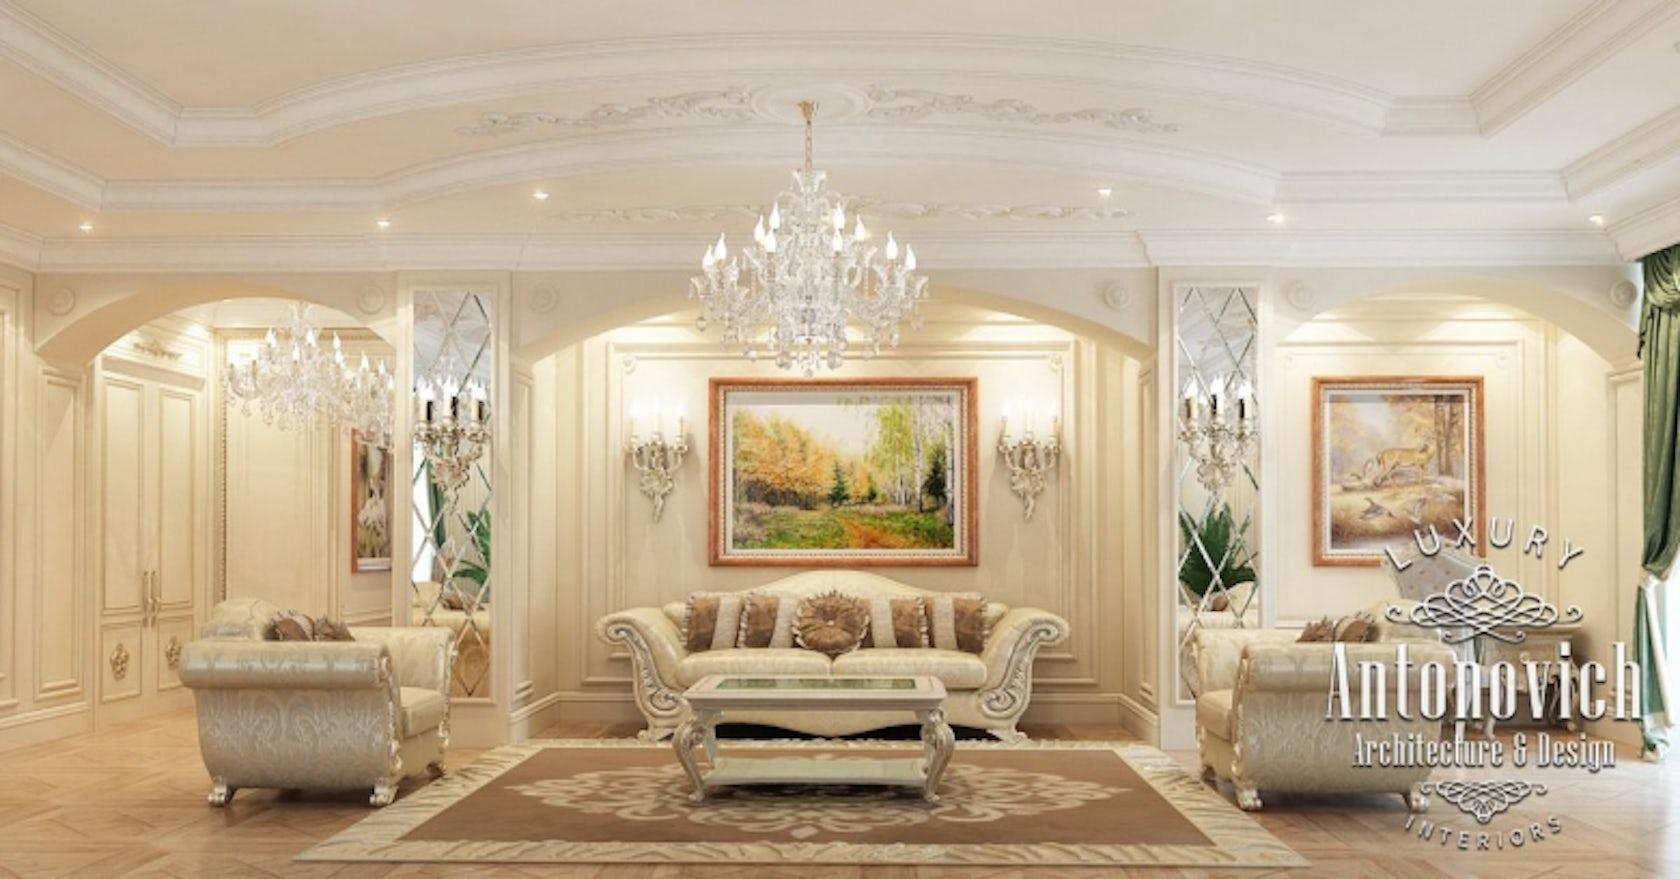 Kitchen Design Usa By Katrina Antonovich: Beautiful Bedrooms From Katrina Antonovich